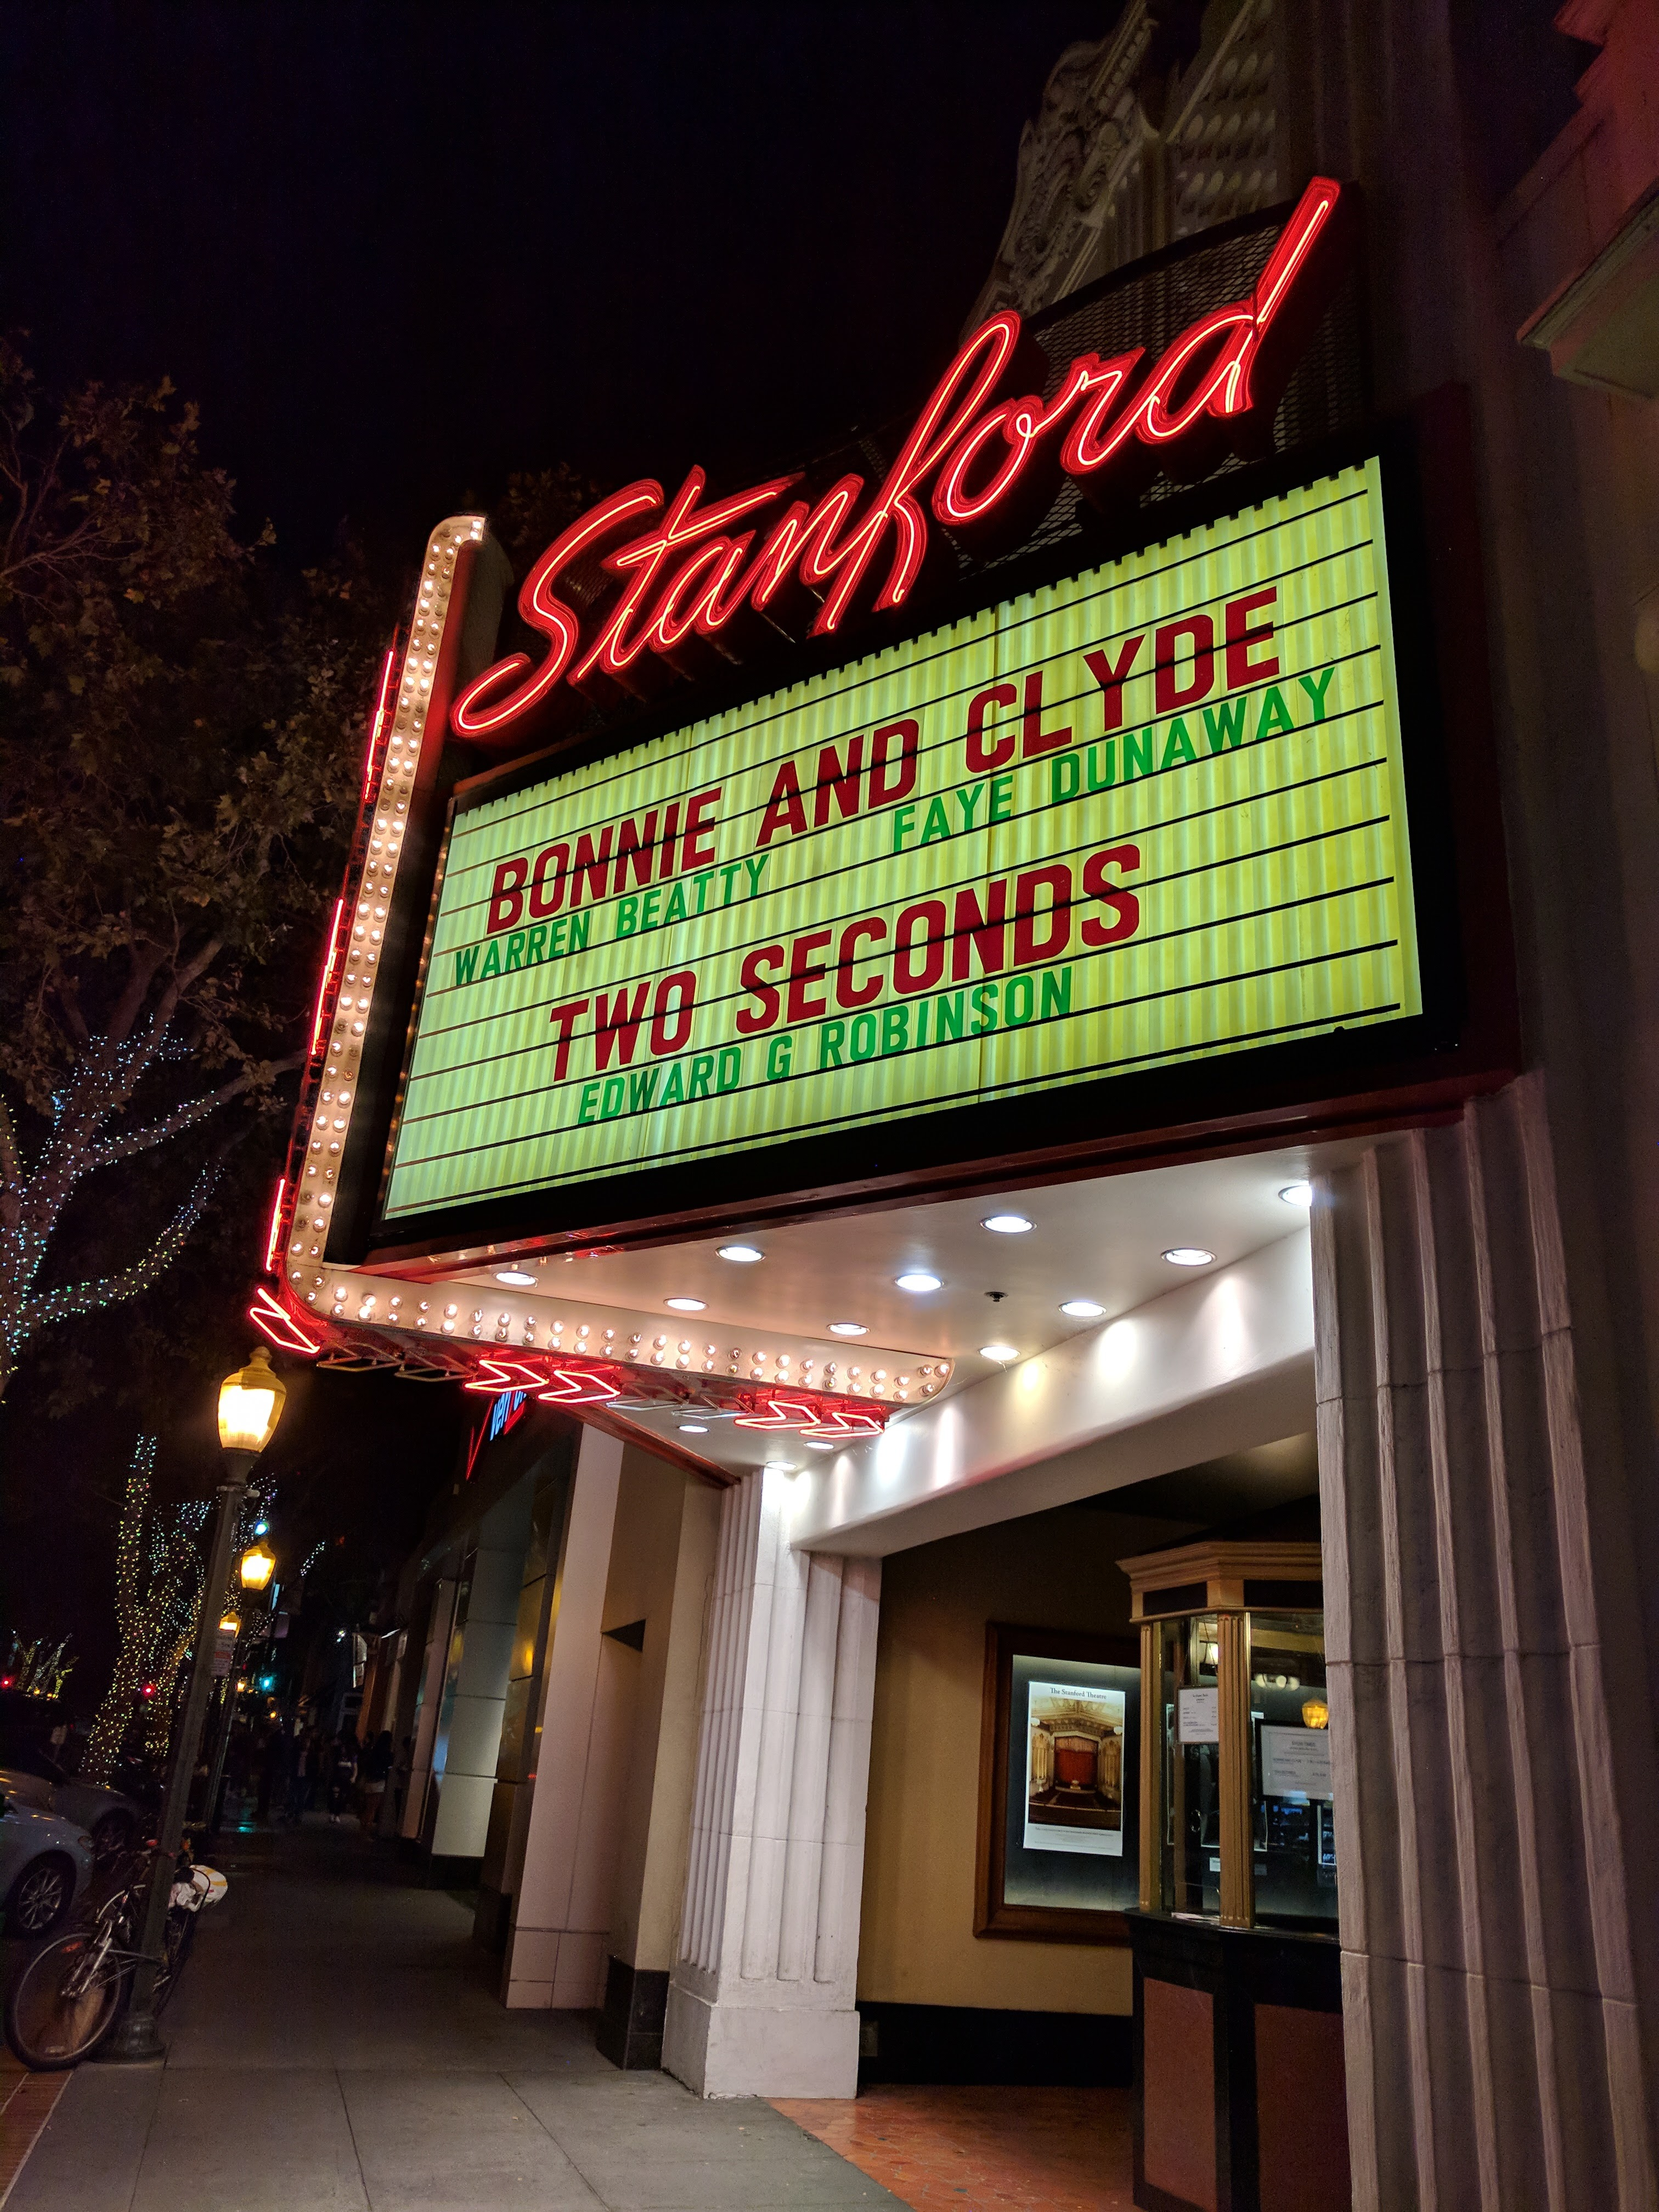 De entree van het Stanford Theatre in Palo Alto